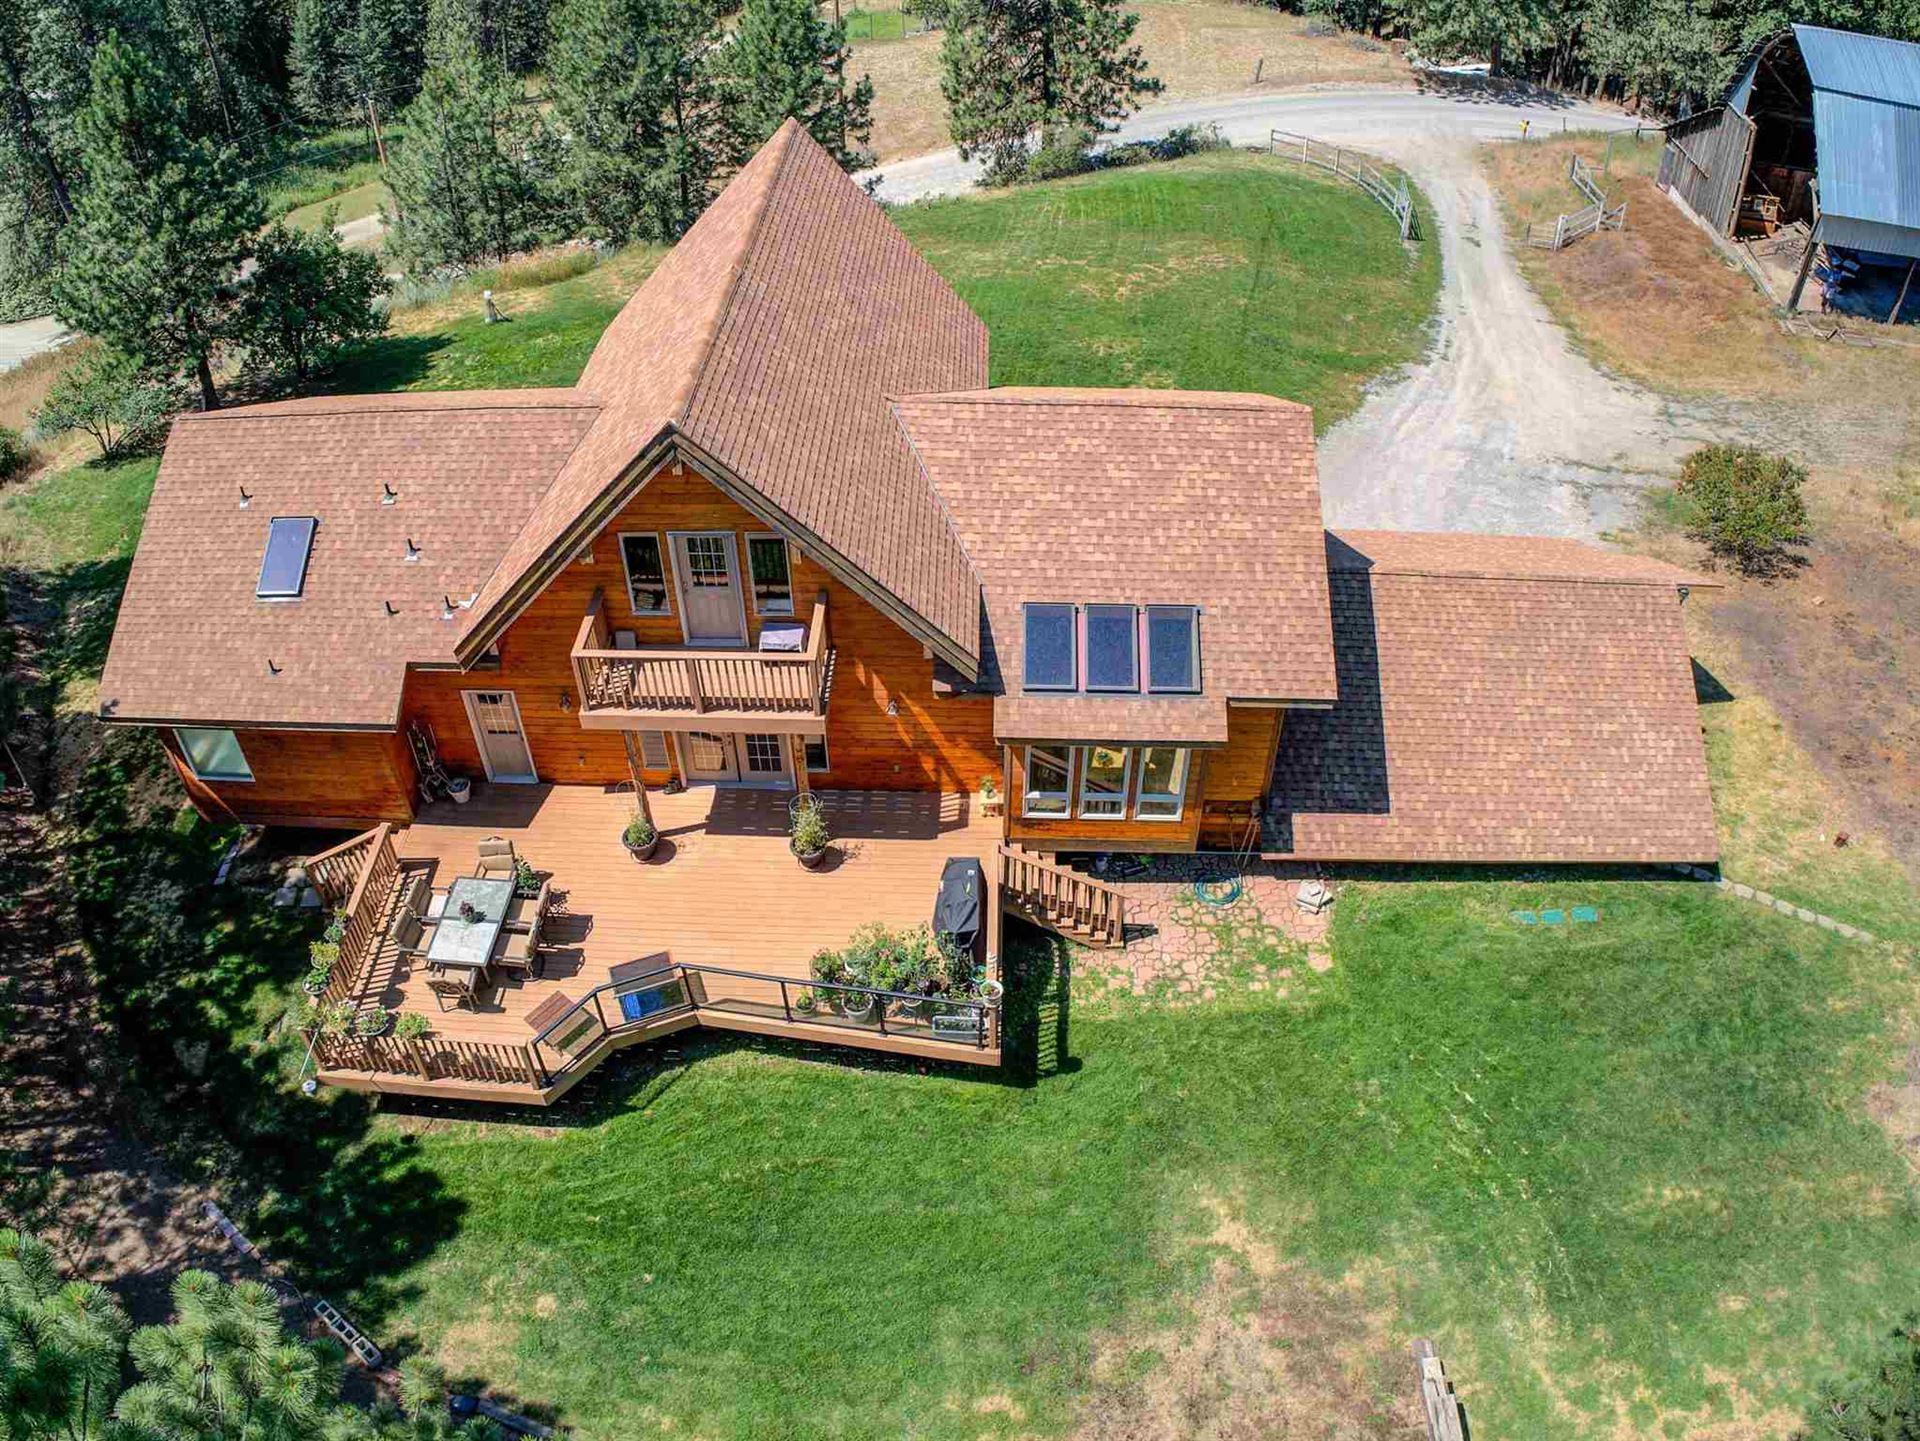 16616 E Foothills Dr, Spokane, WA 99217 - #: 202120335